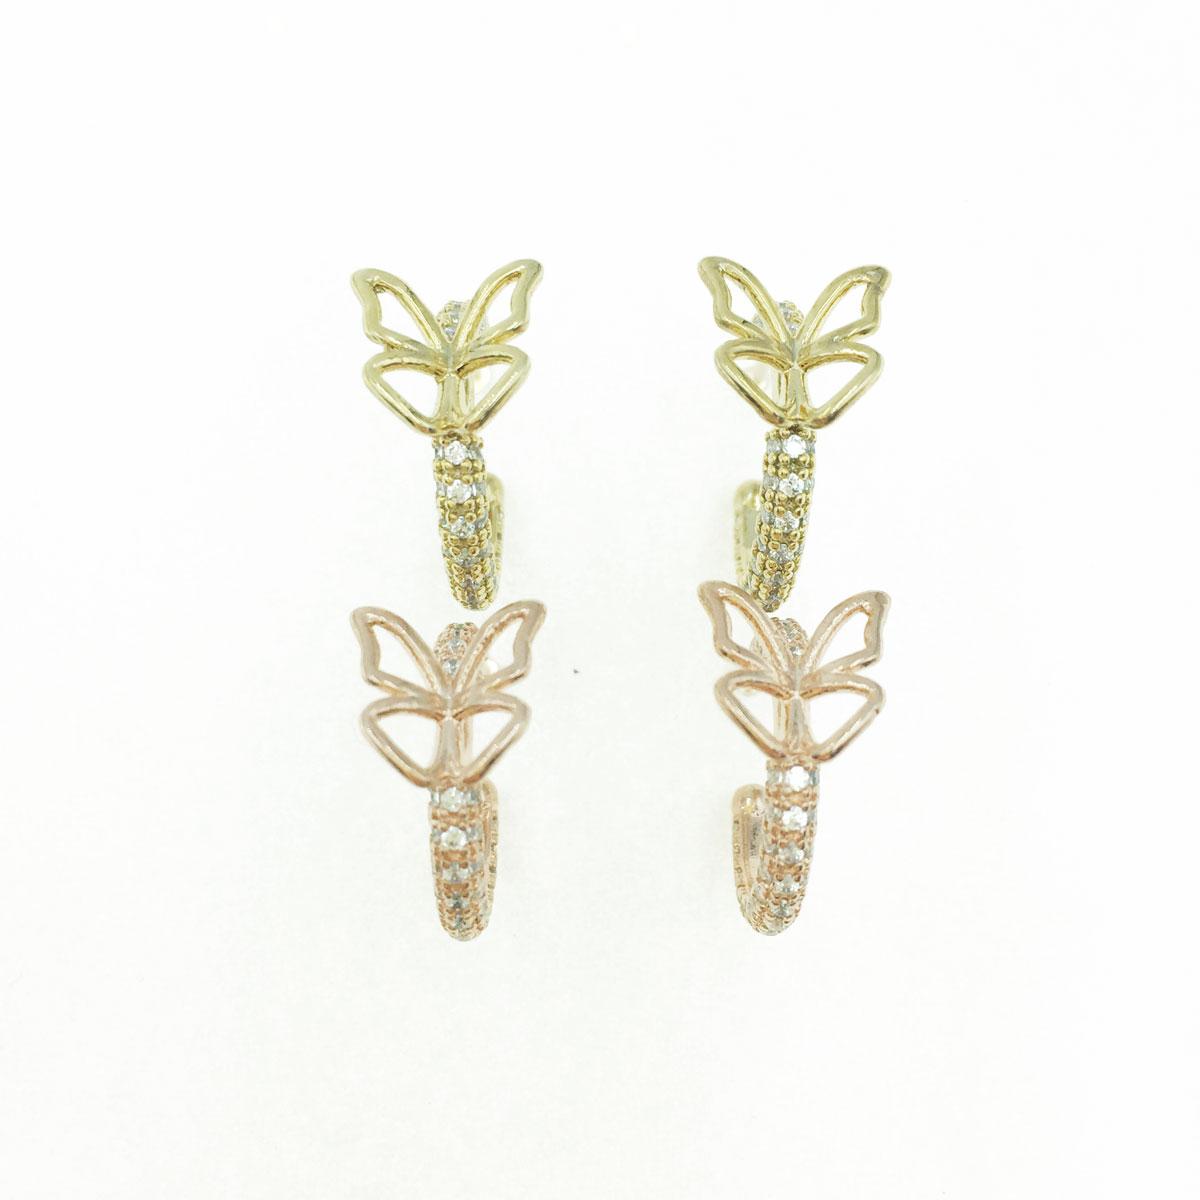 韓國 抗敏電鍍 C字型 水鑽 蝴蝶 造型 金色 玫瑰金 耳針式耳環